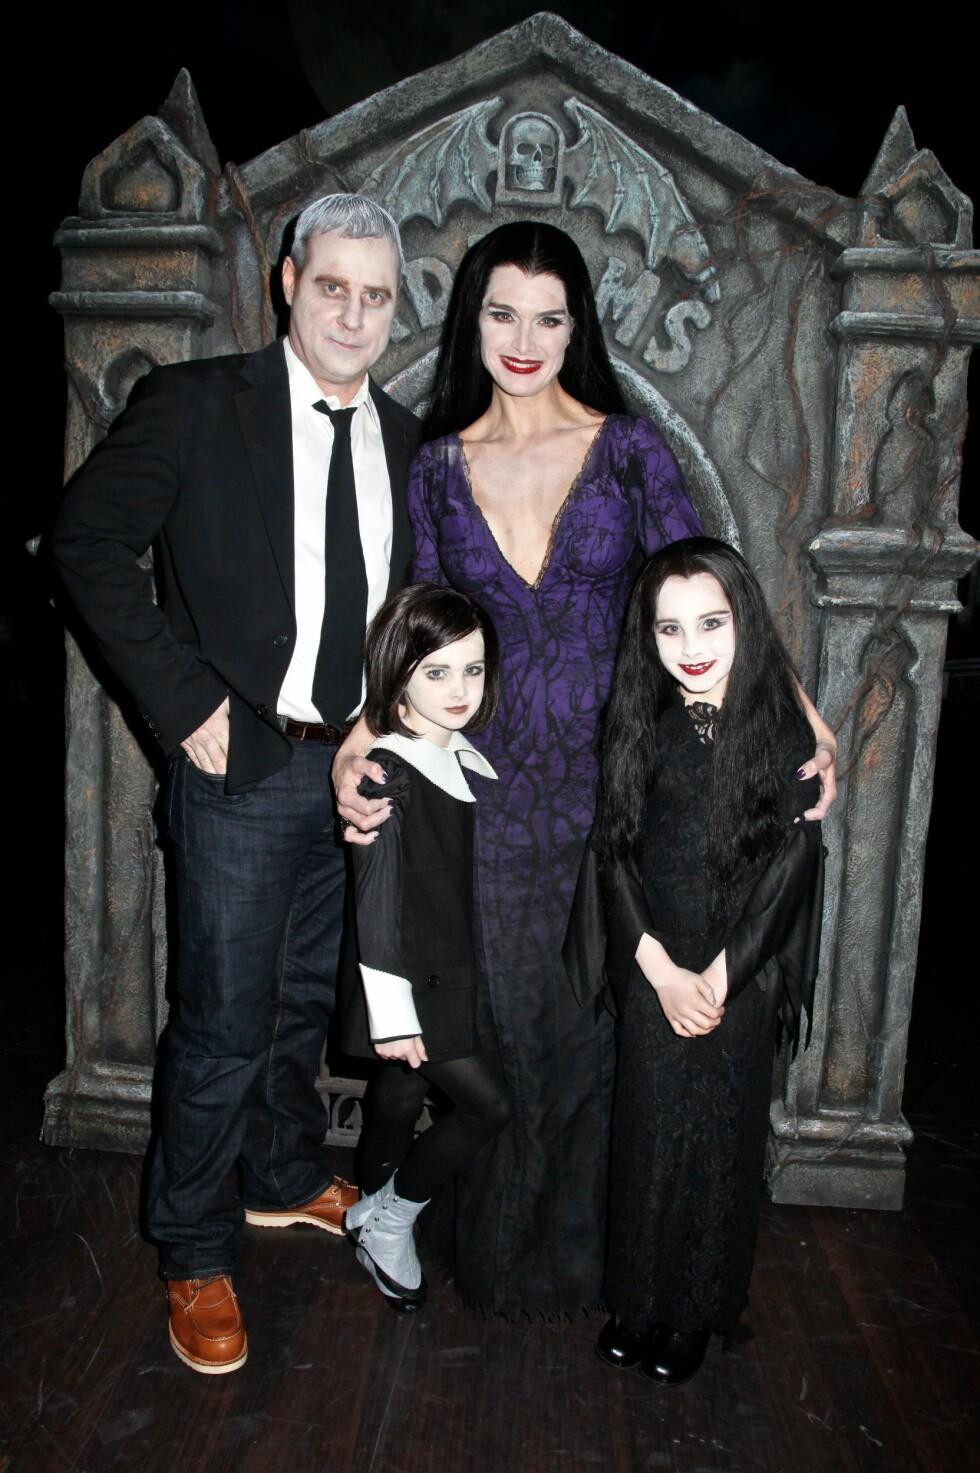 IHERDIG INNSATS: Brooke Shields med ektemannen Chris Henchy og døtrene Rowan og Grier som «The Addams Family» under Halloween-feiringen i 2011. Foto: All Over Press